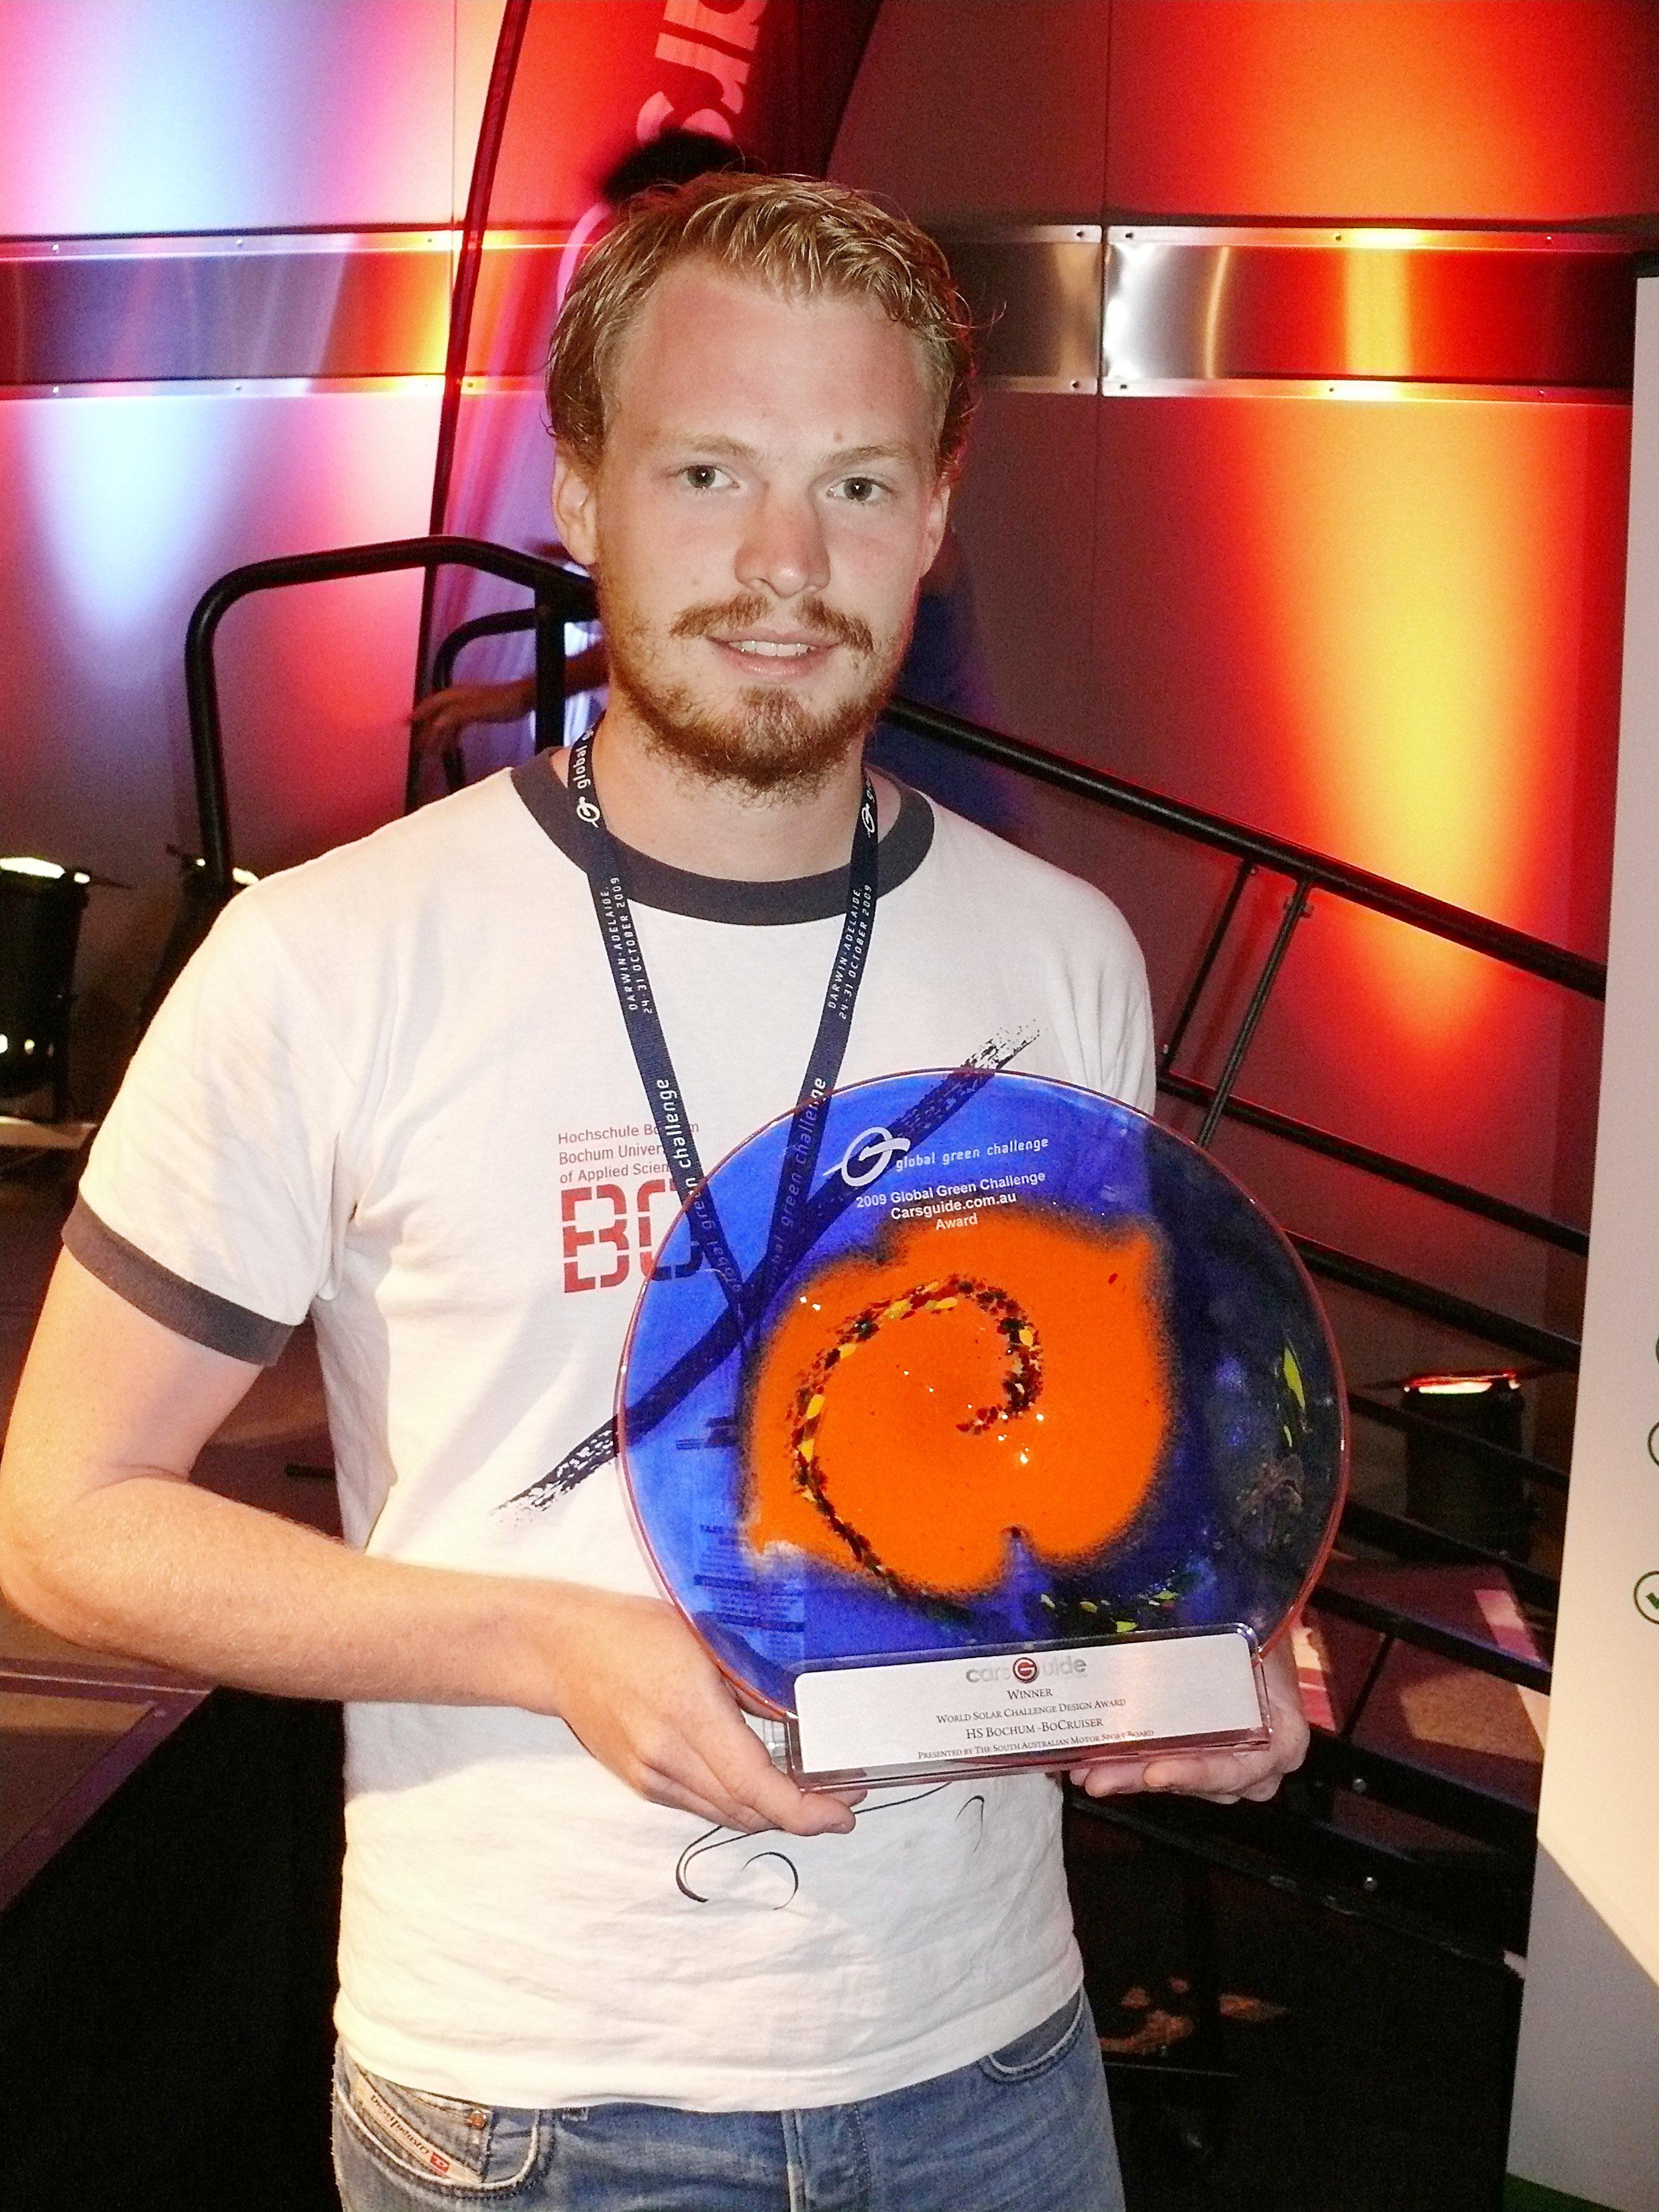 Julian Stentenbach mit dem Design Award der Global Green Challenge 2009 in Australien.